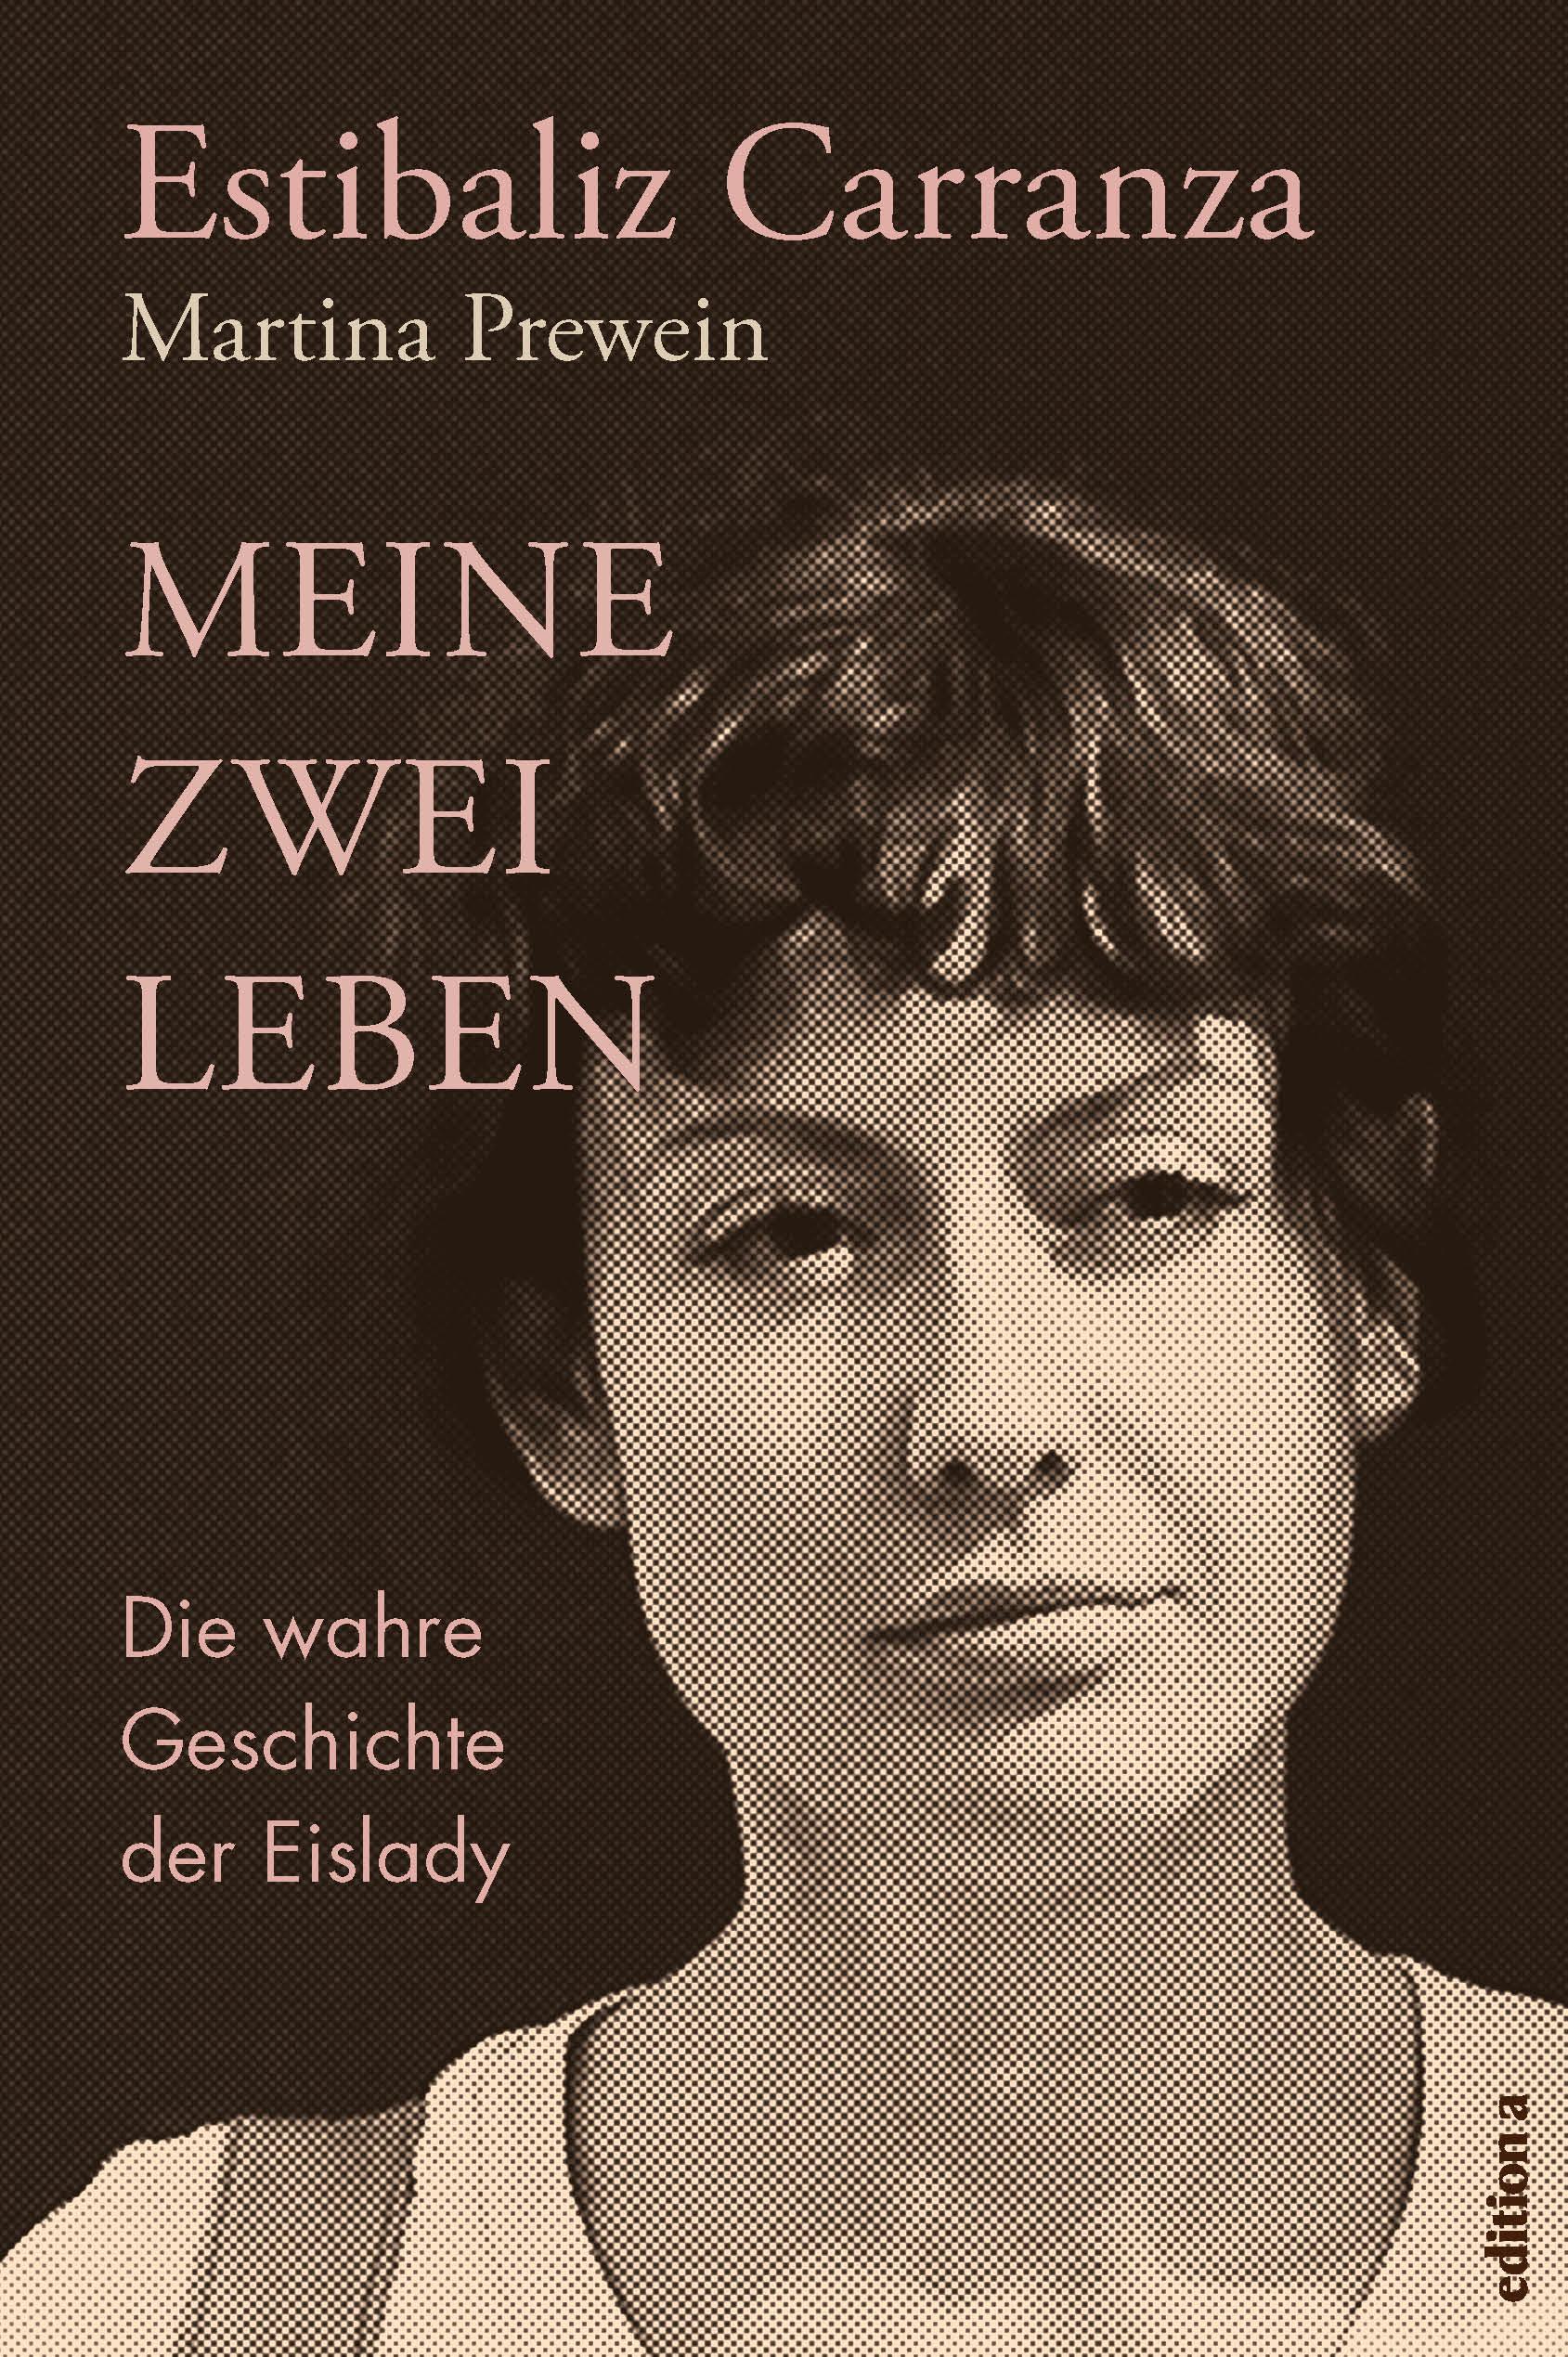 Meine zwei Leben: Die wahre Geschichte der Eislady - Estibaliz Carranza [Gebundene Ausgabe]